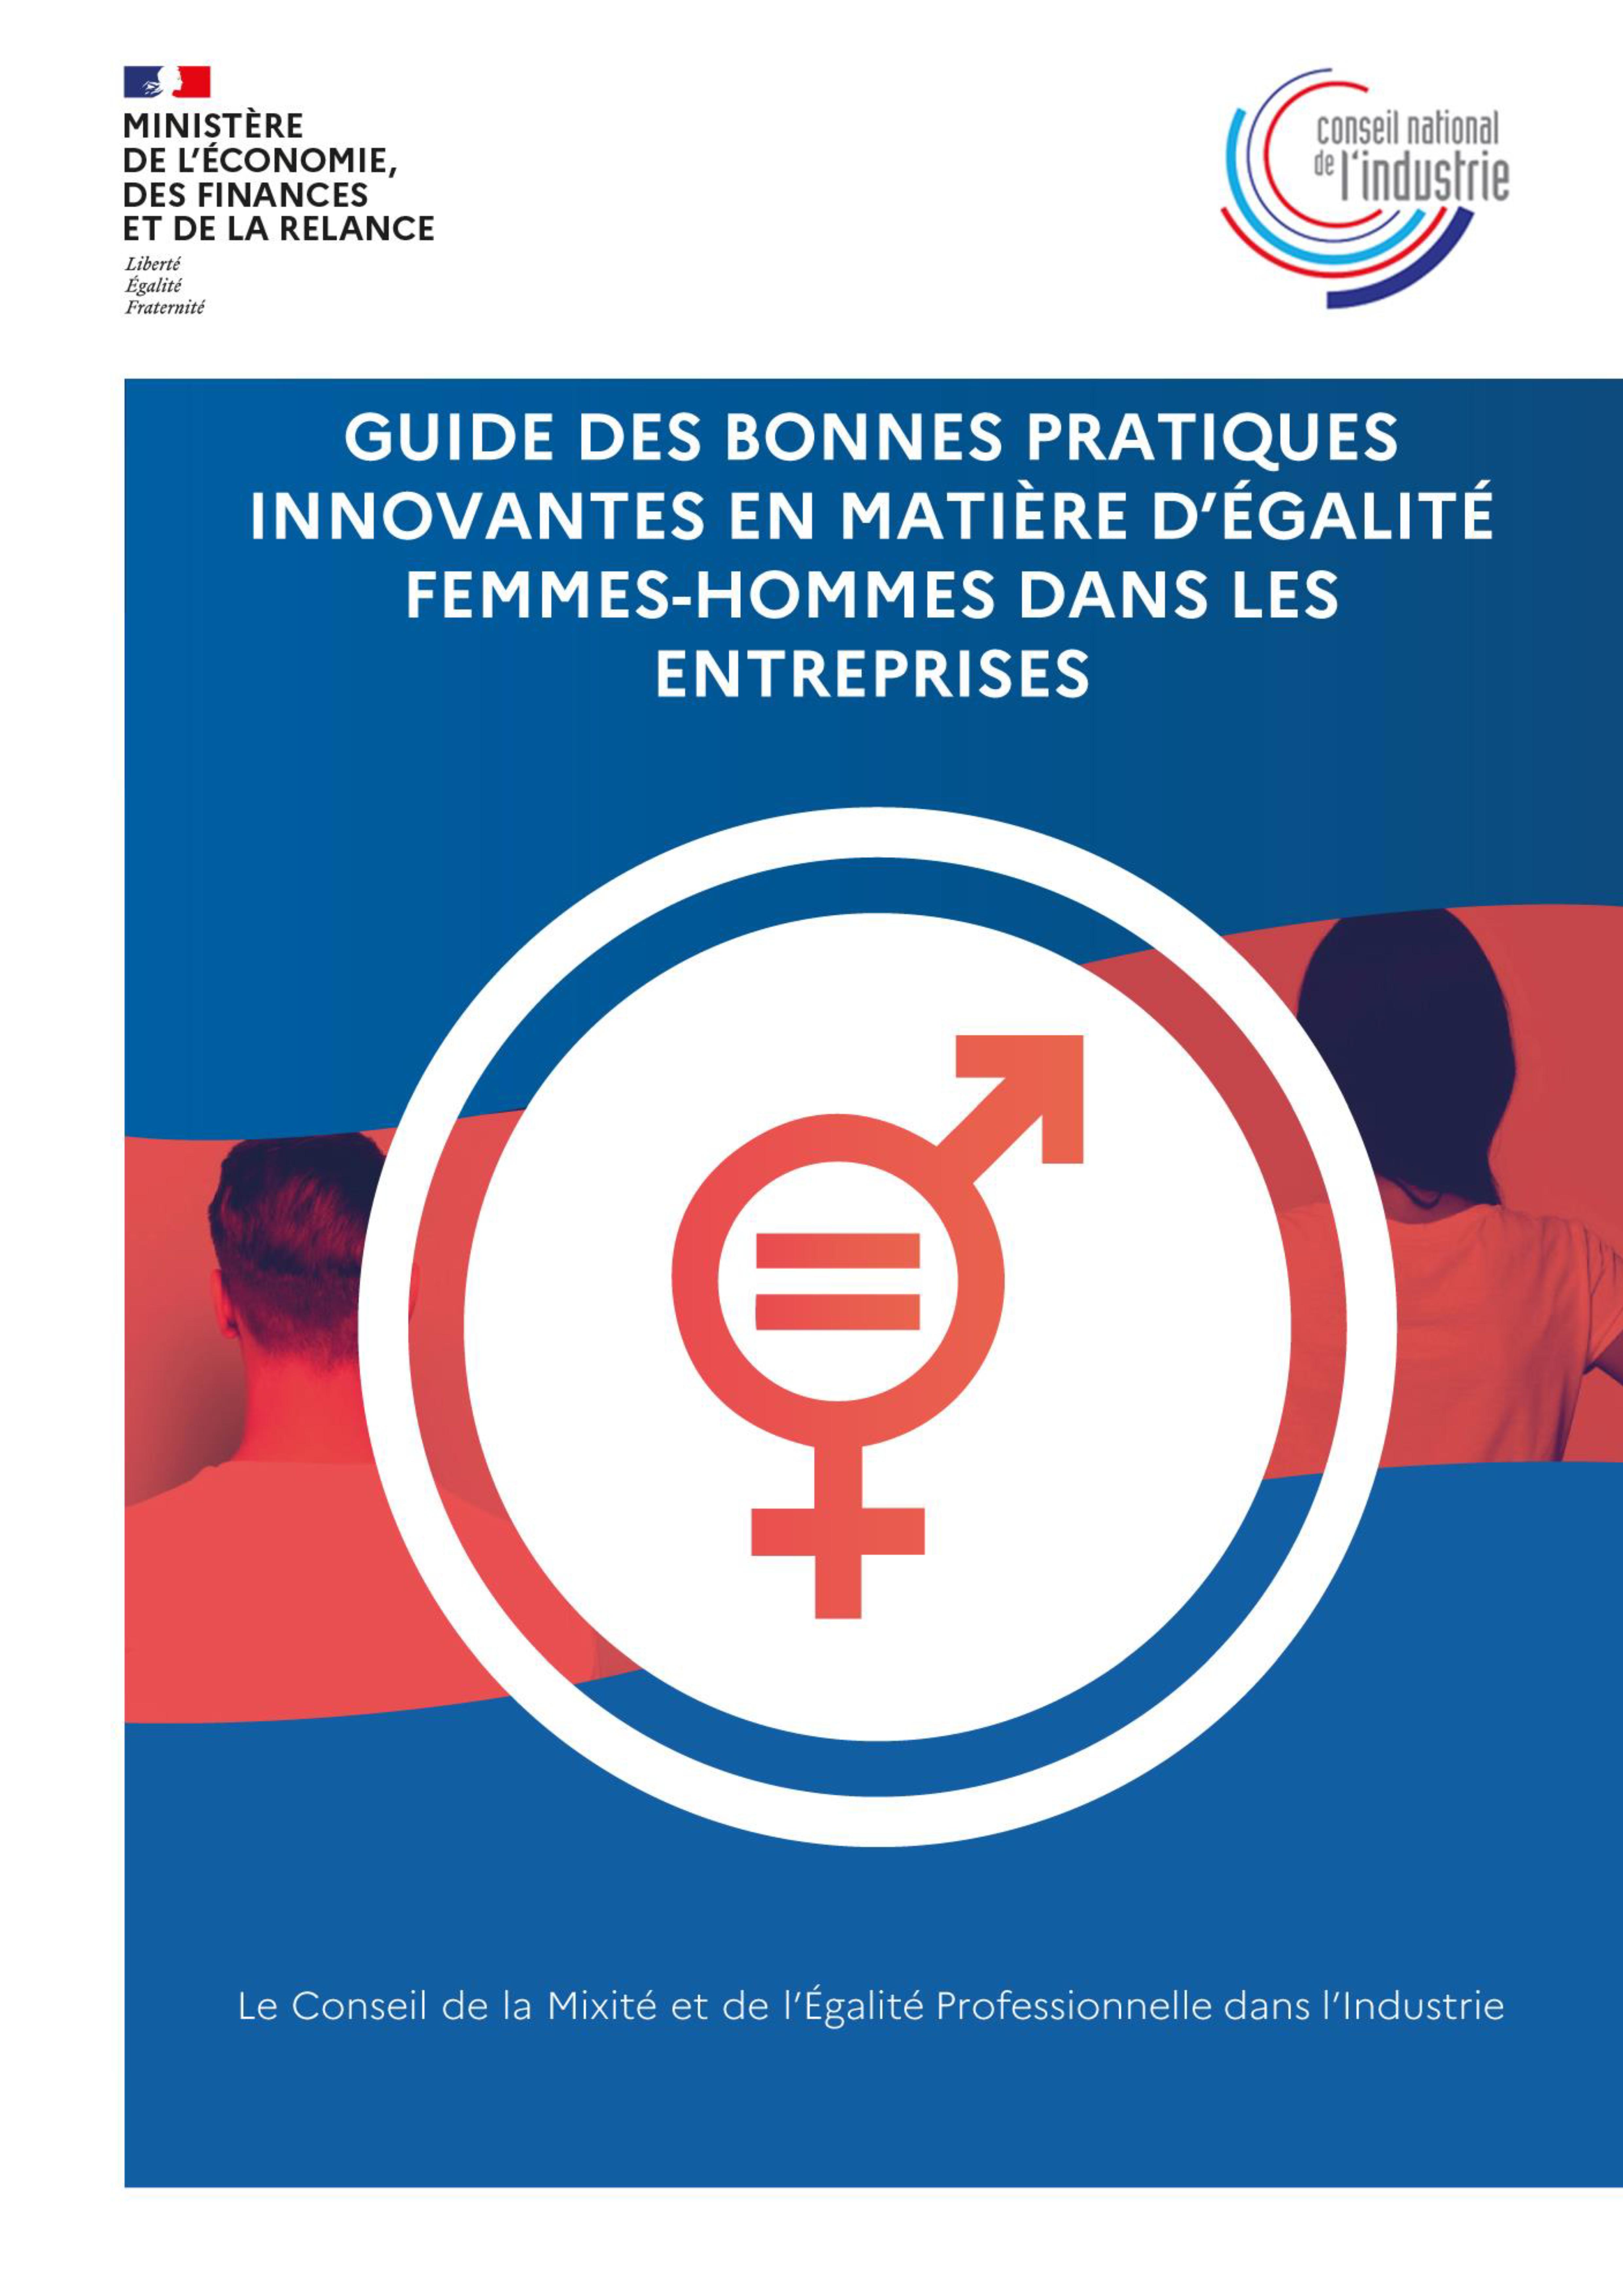 Guide des bonnes pratiques innovantes en matière d'égalité femmes/hommes dans les entreprises